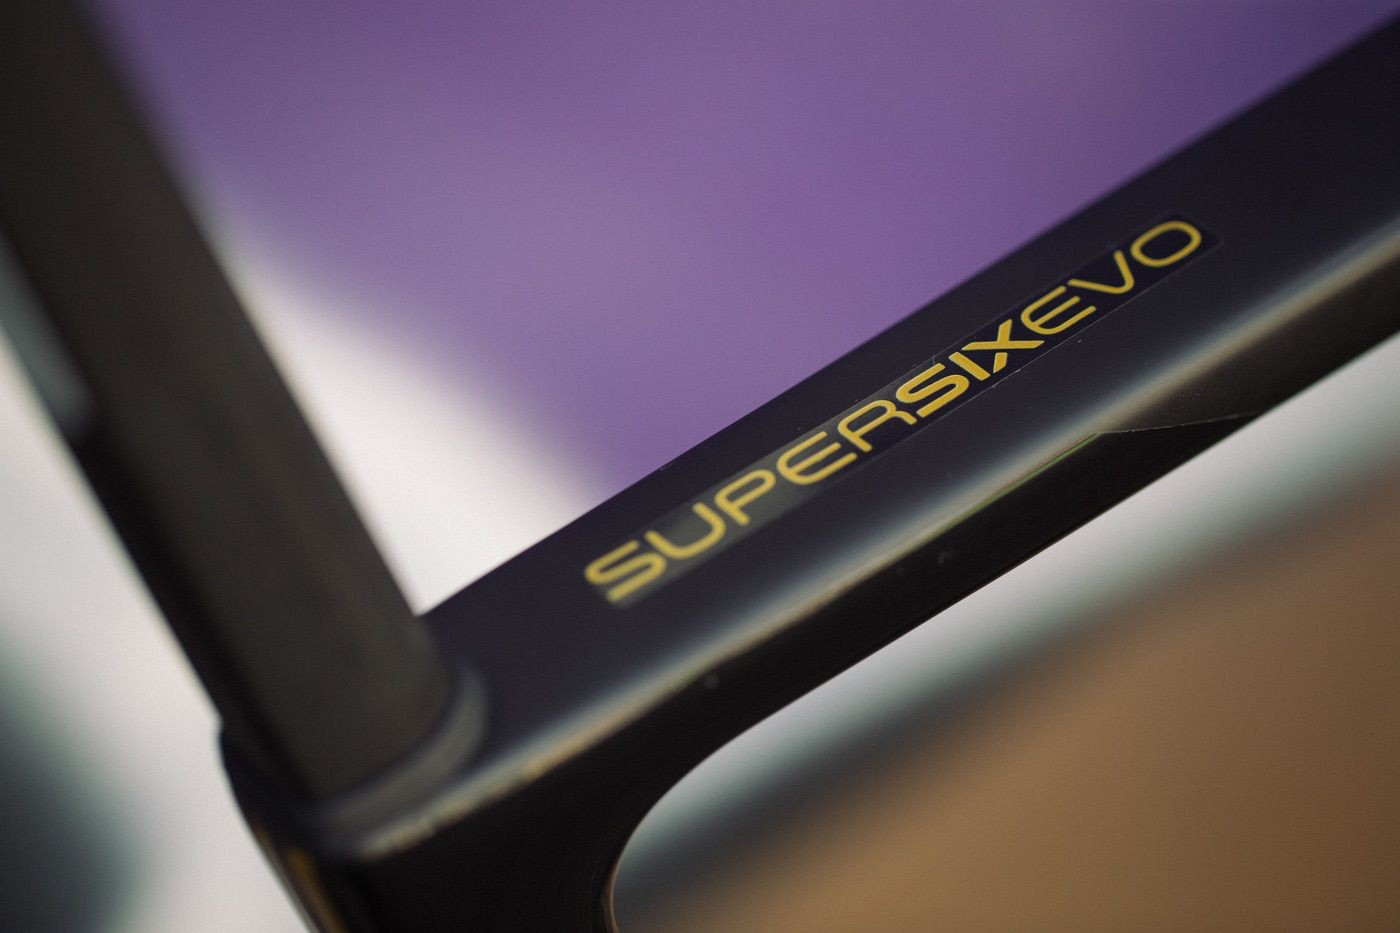 Detalle del cuadro de la Cannondale SuperSix Evo 2020